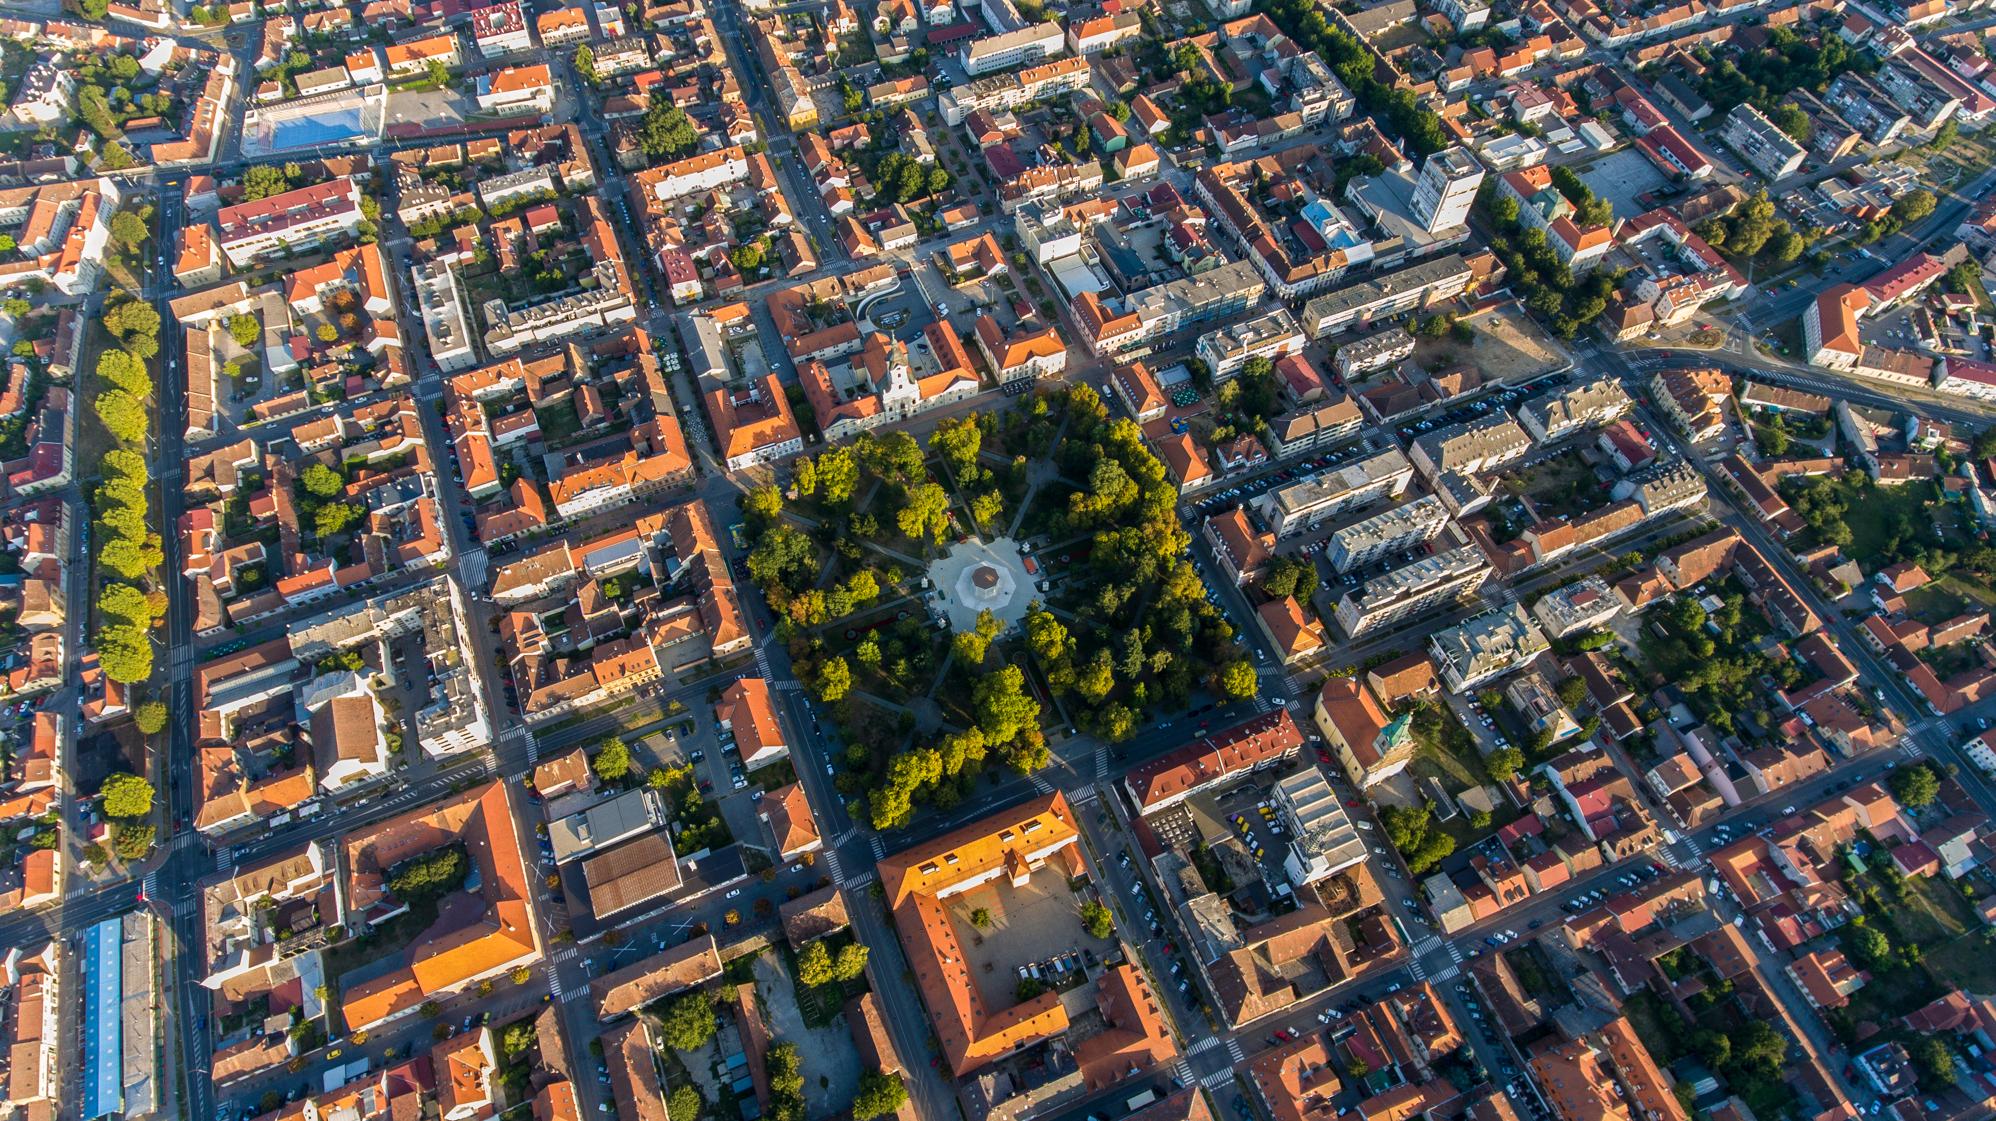 OBJEDINJENO IZDAVANJE PROPUSNICA Bjelovar se 'udružuje' sa osam općina?